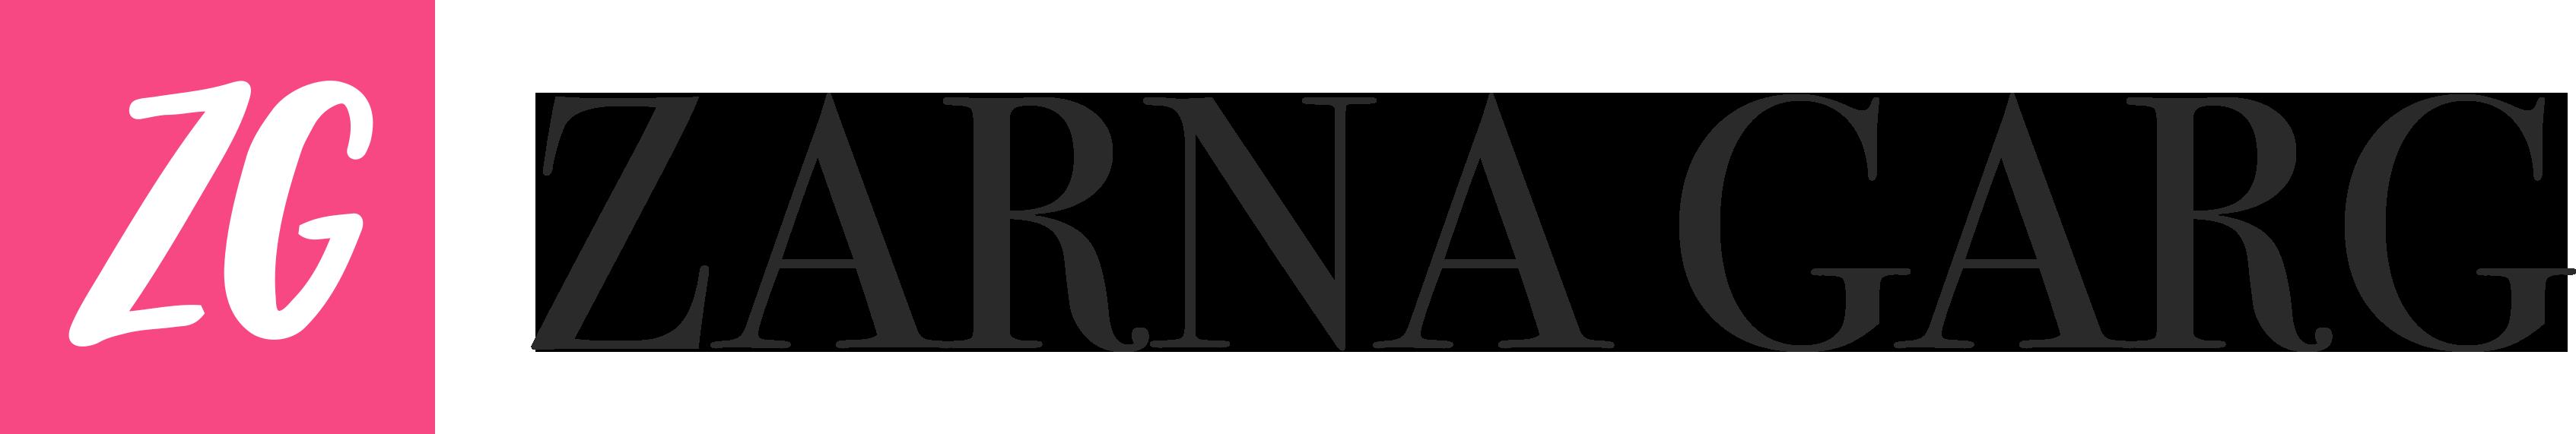 https://zarnagarg.com/wp-content/uploads/2020/01/Zarna-Garg-Logo-3b.png